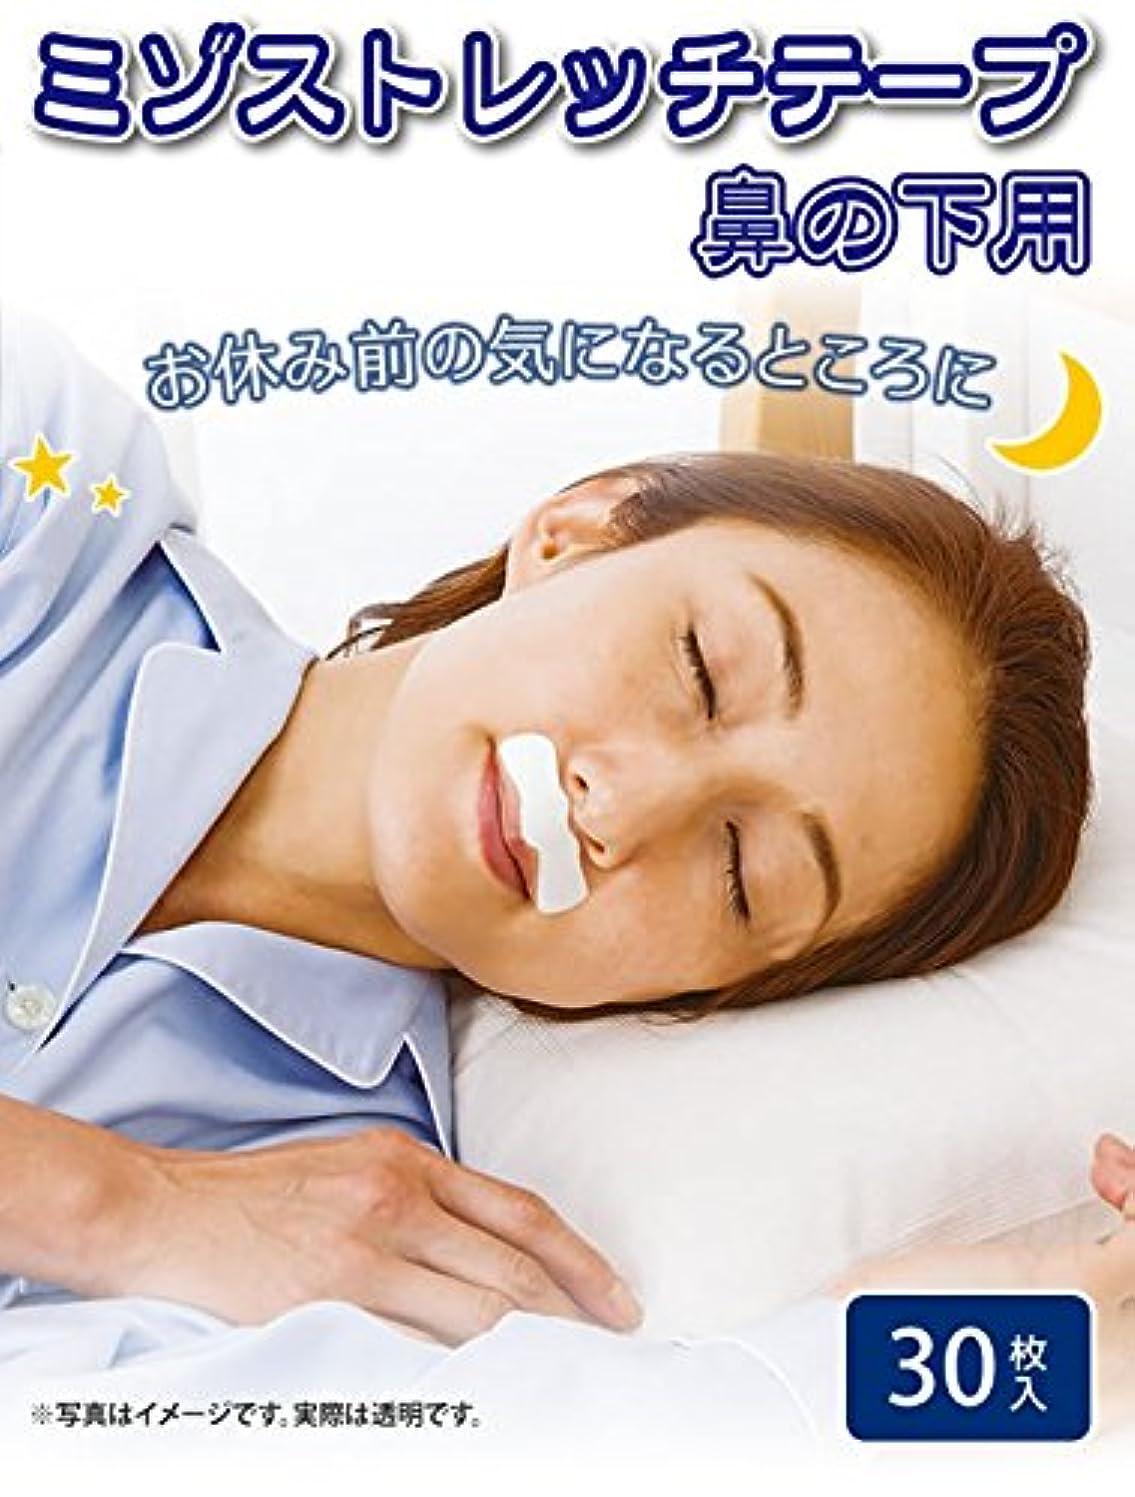 悪魔残忍な喉頭ミゾストレッチテープ 鼻の下用